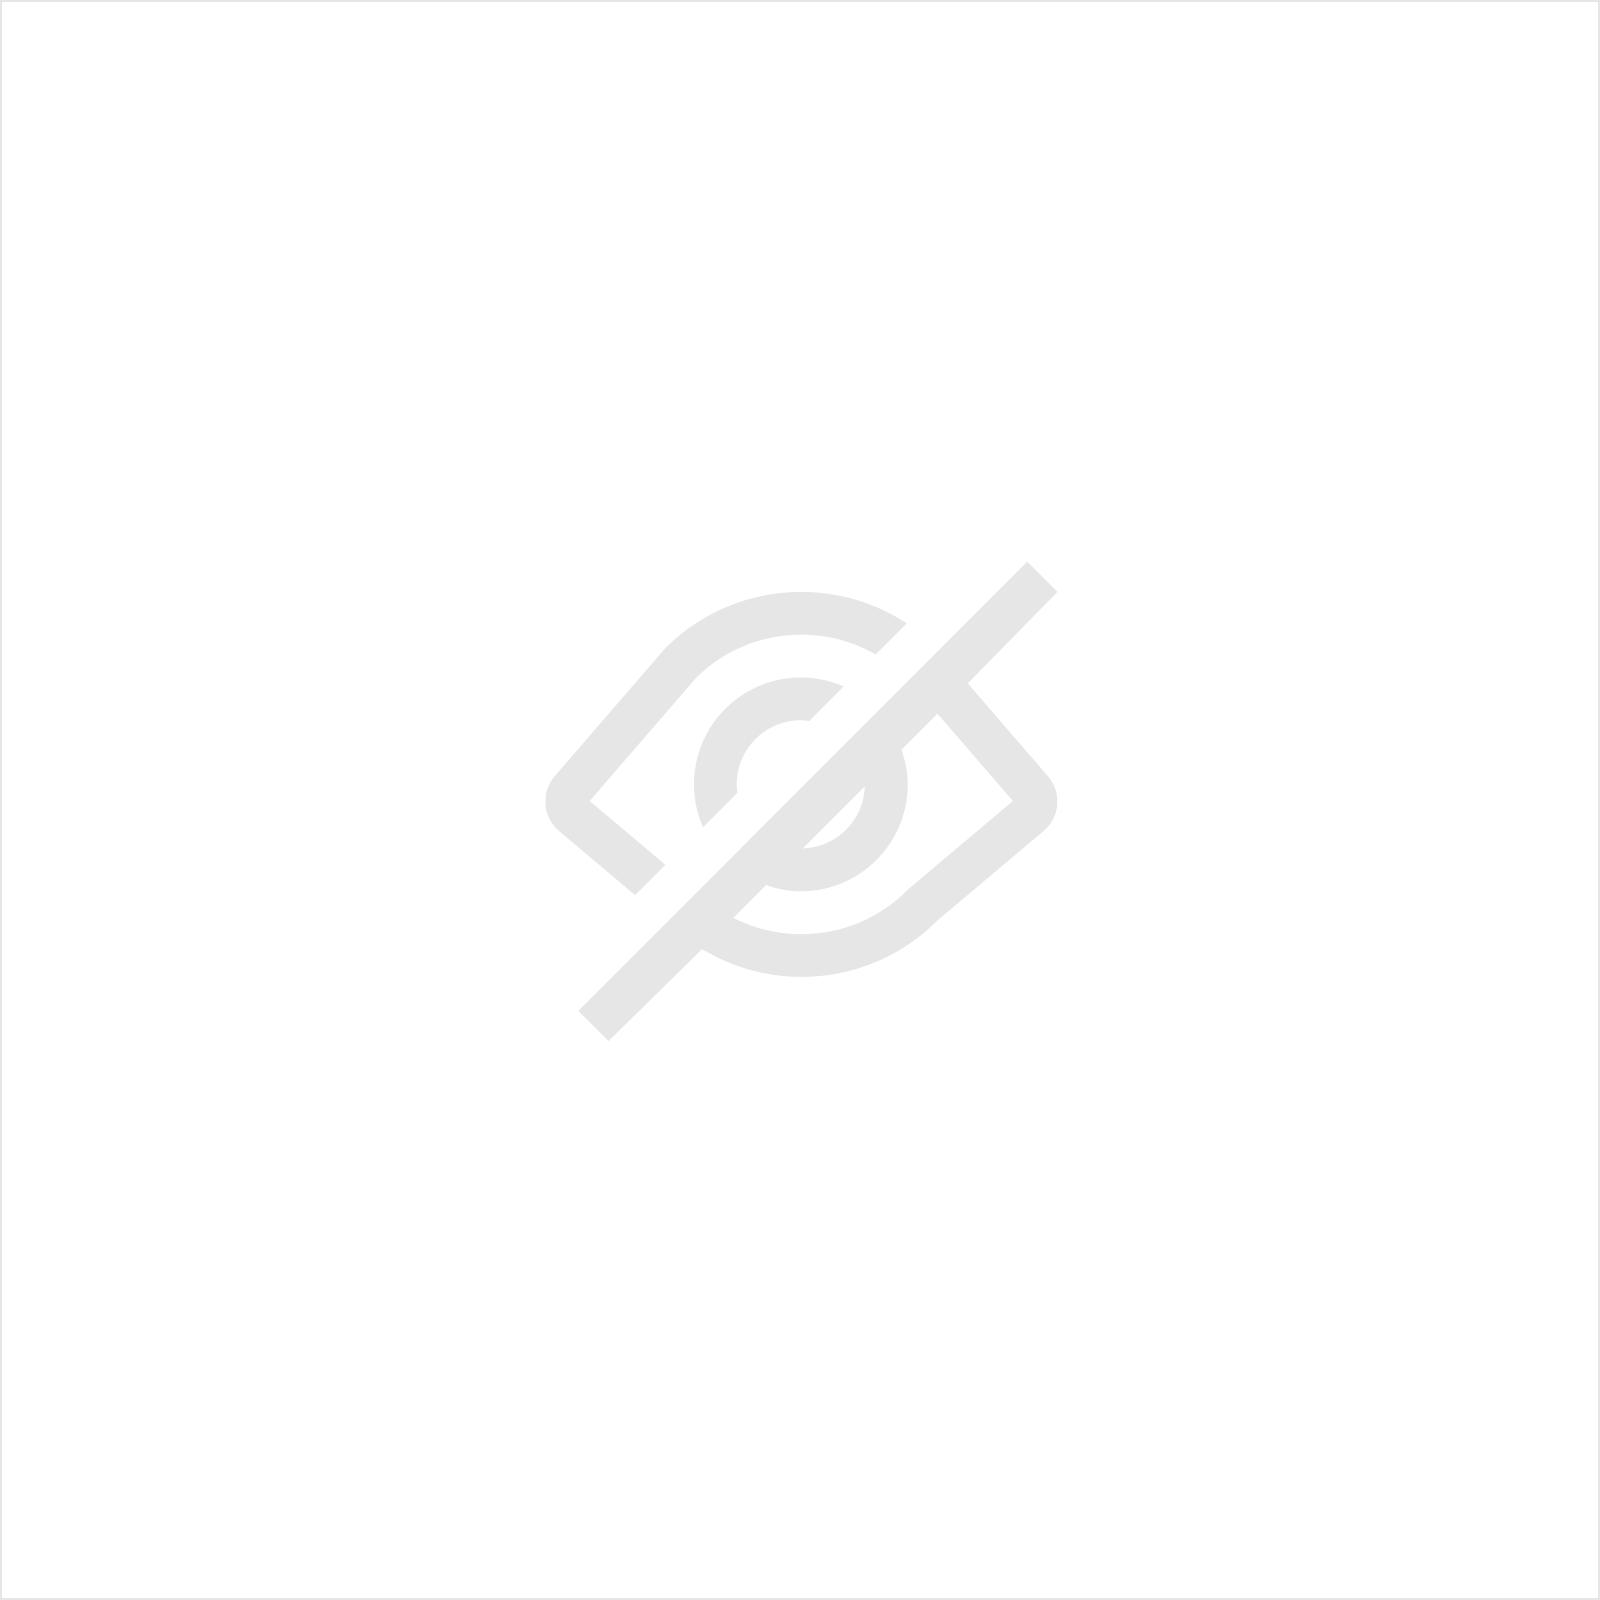 OPTIONEEL ROLPAAR VOOR BOORD EN LIJSTMACHINE 9 MM